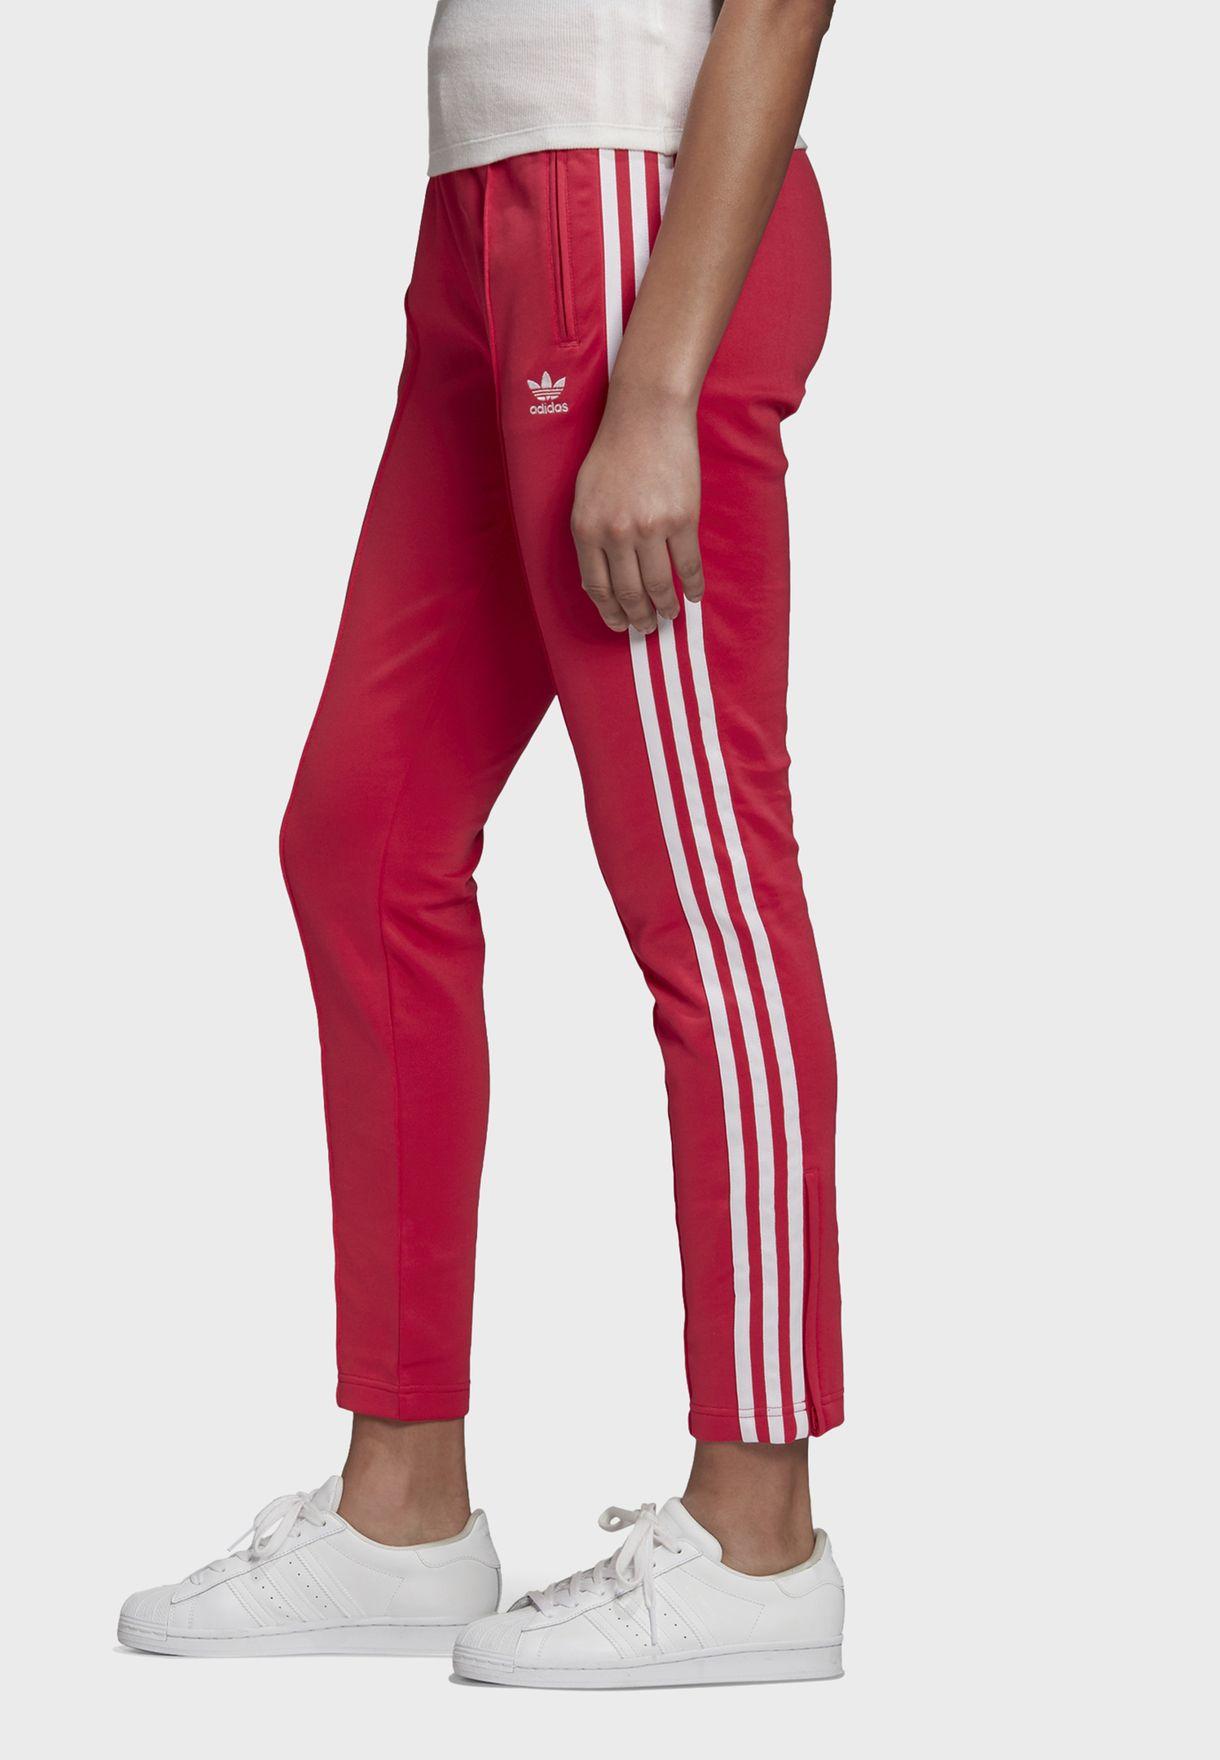 SST Adicolor Casual Women's Pants